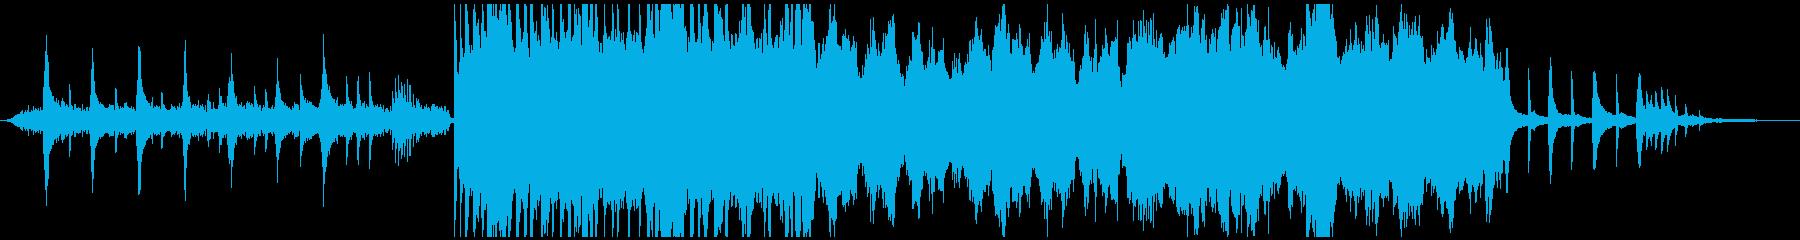 ピアノとストリングスの感動壮大バラードの再生済みの波形